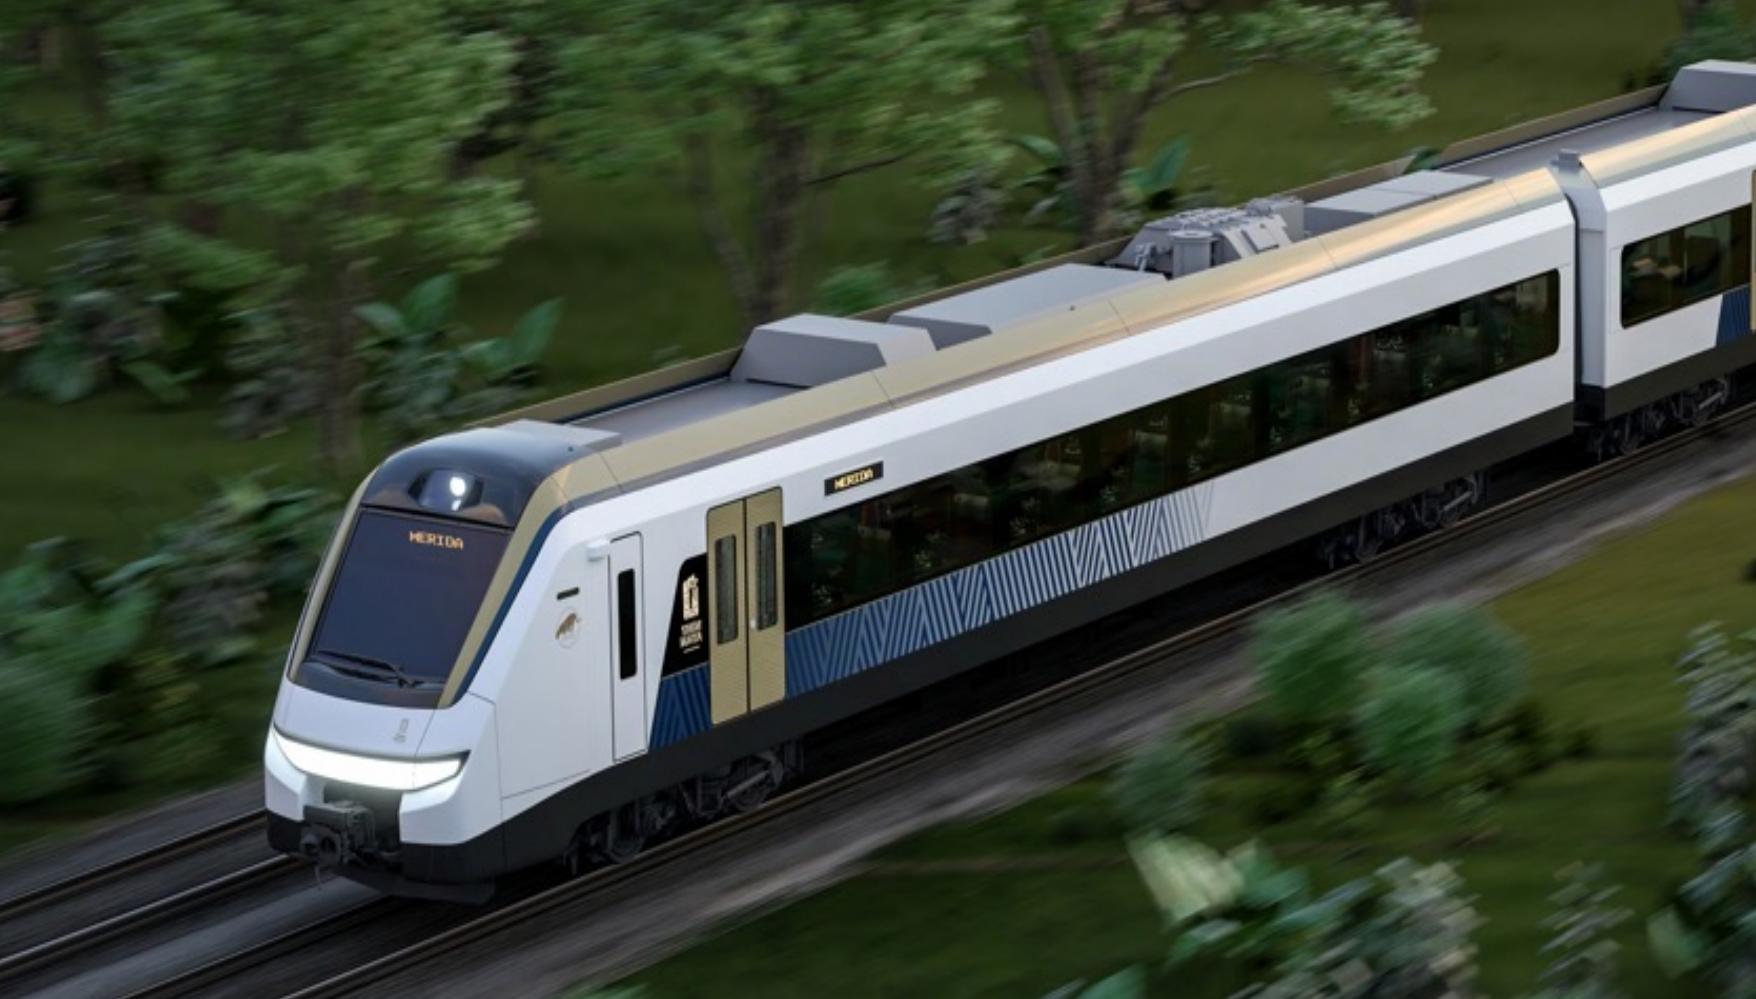 AMLO pide a Alstom-Bombardier cumplir en tiempo y presupuesto con Tren Maya